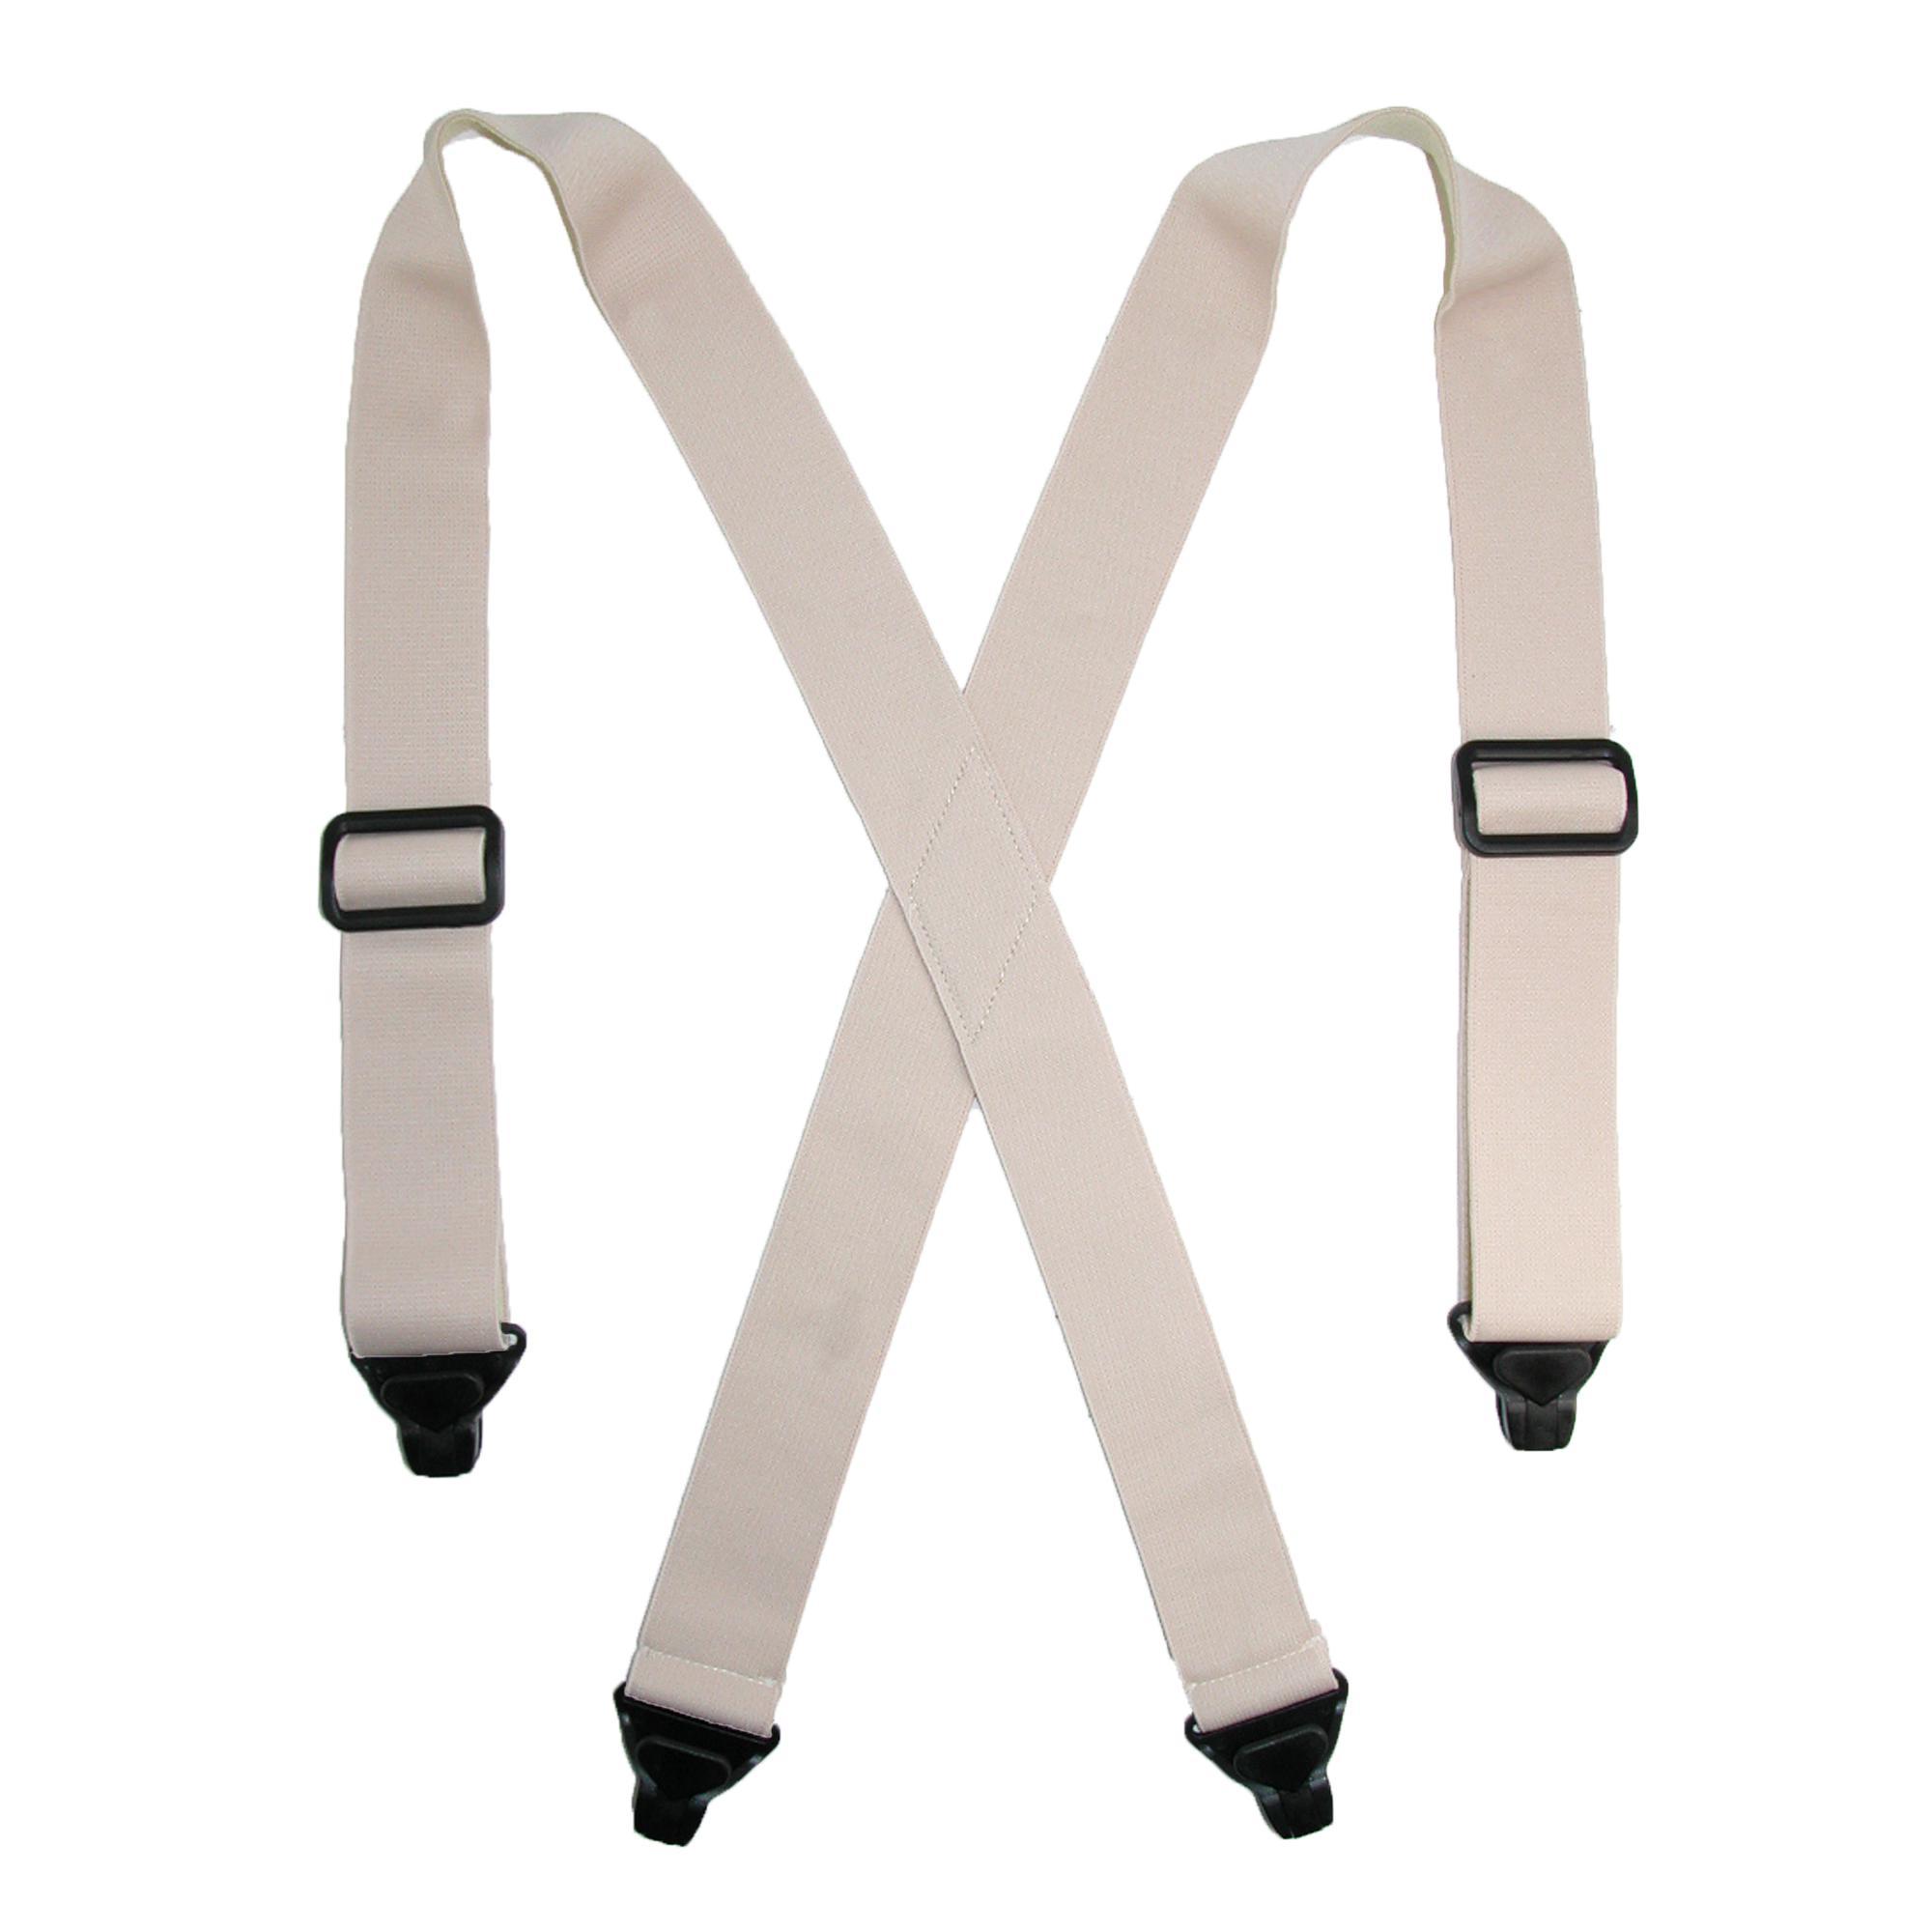 CTM_Mens_Elastic_Undergarment_TSA_Compliant_Suspenders_Tall